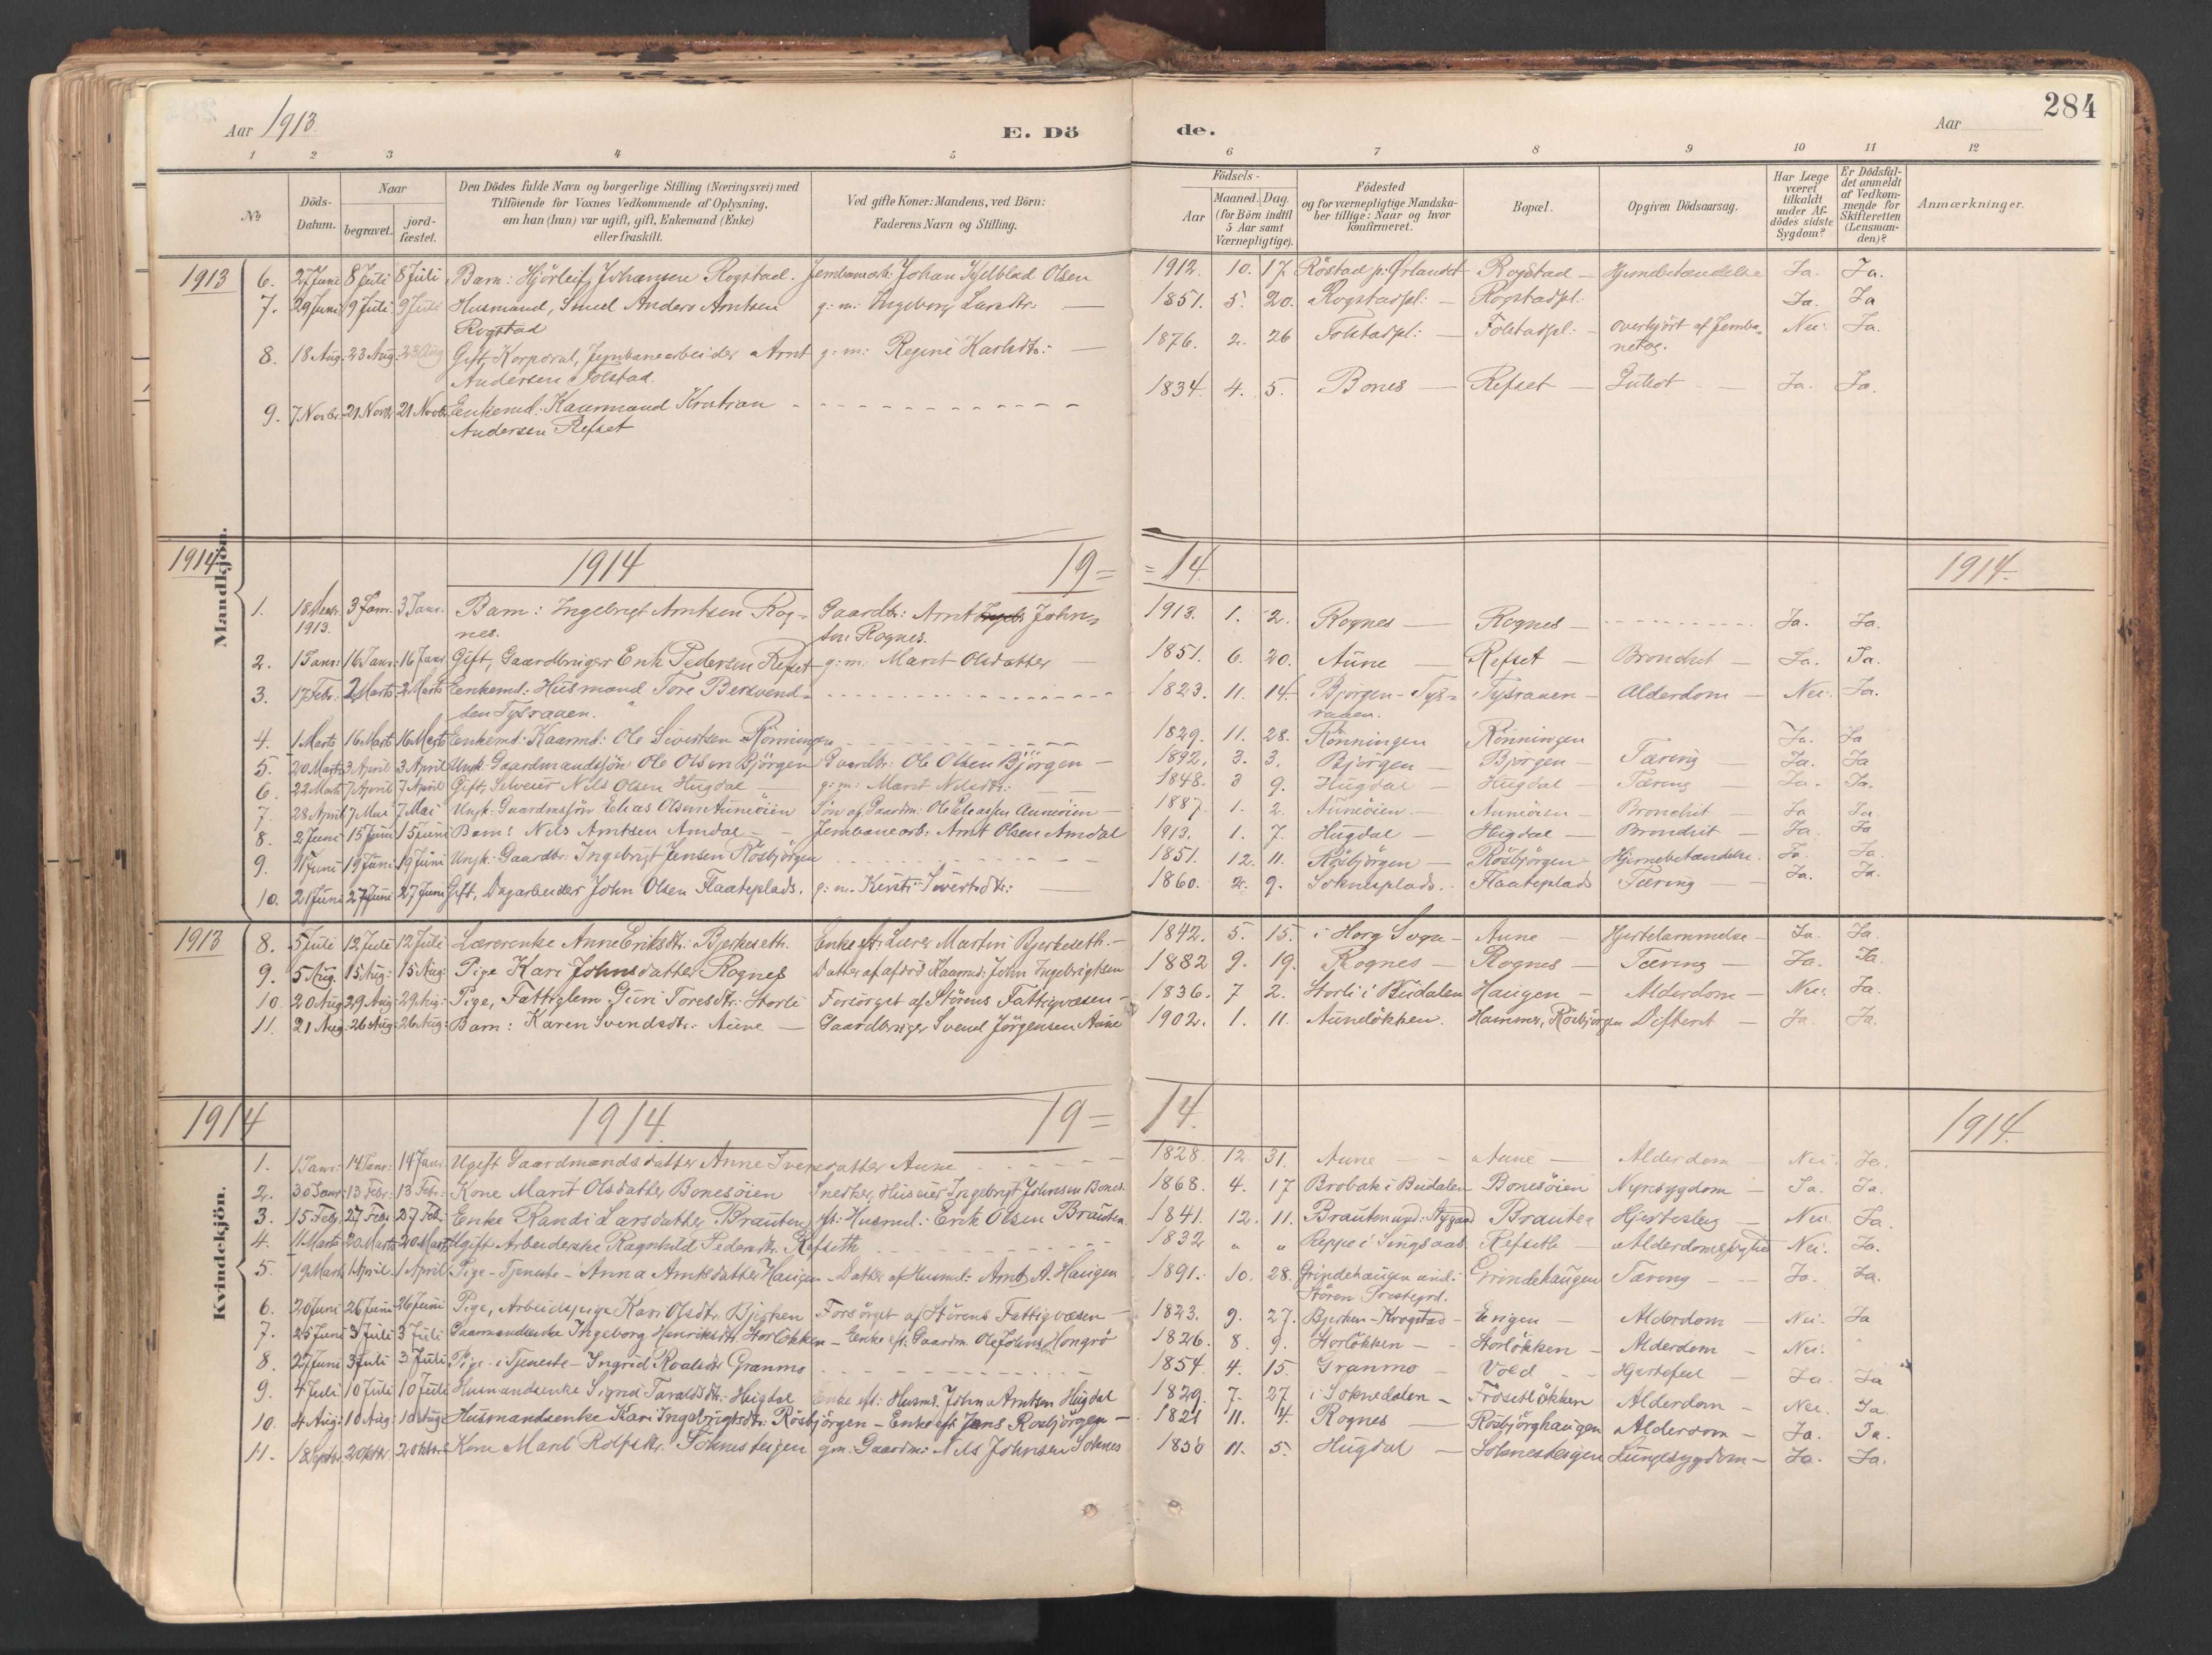 SAT, Ministerialprotokoller, klokkerbøker og fødselsregistre - Sør-Trøndelag, 687/L1004: Ministerialbok nr. 687A10, 1891-1923, s. 284